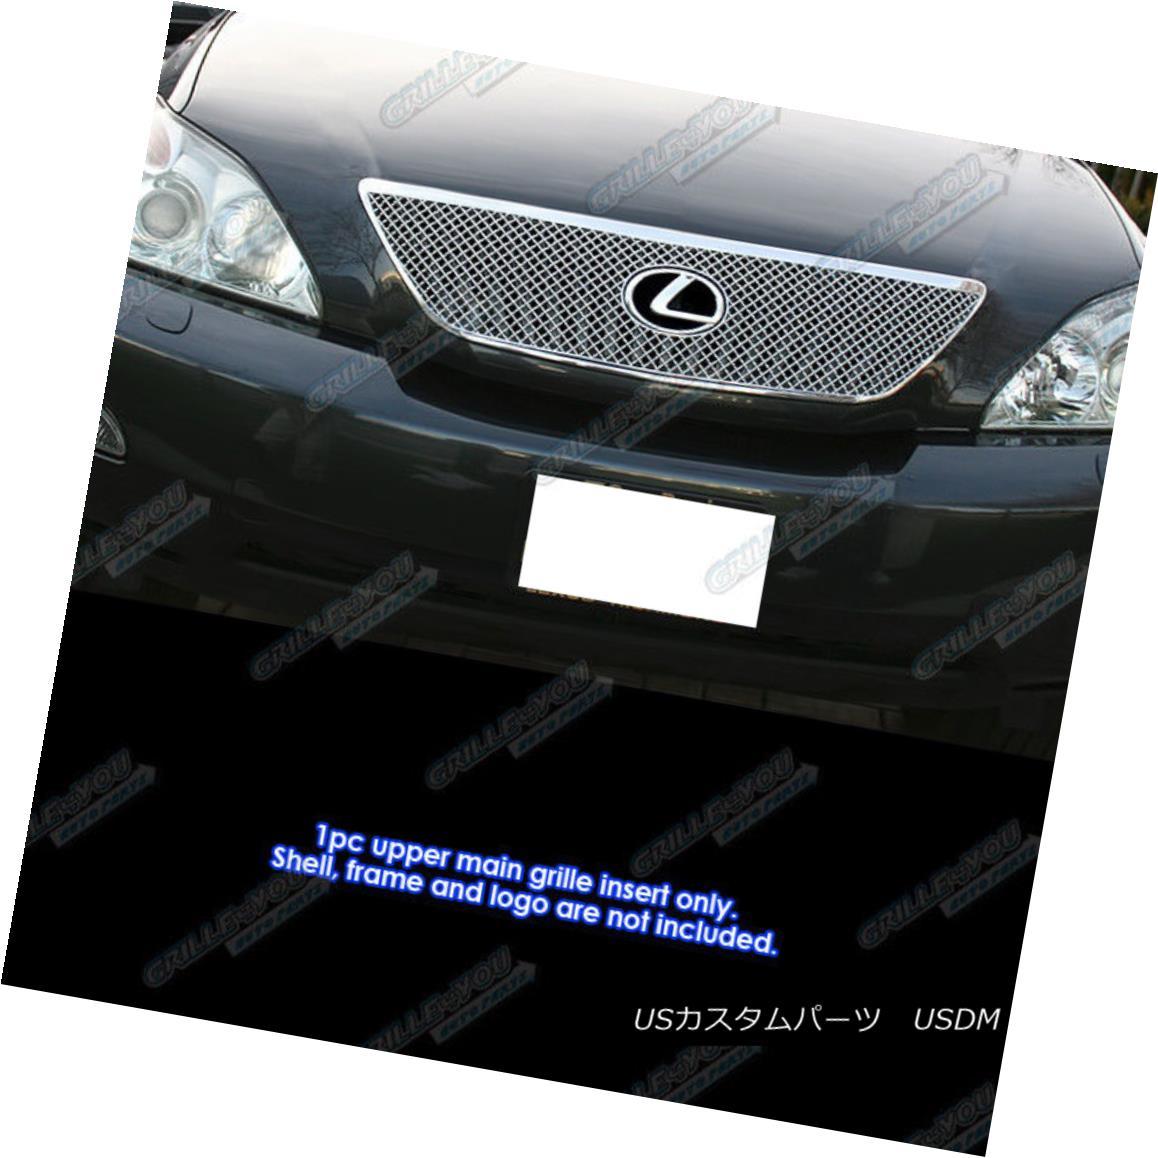 グリル Fits 2004-2007 Lexus RX330 Stainless Steel X Mesh Grille Insert 2004-2007 Lexus RX330ステンレススチールXメッシュグリルインサート